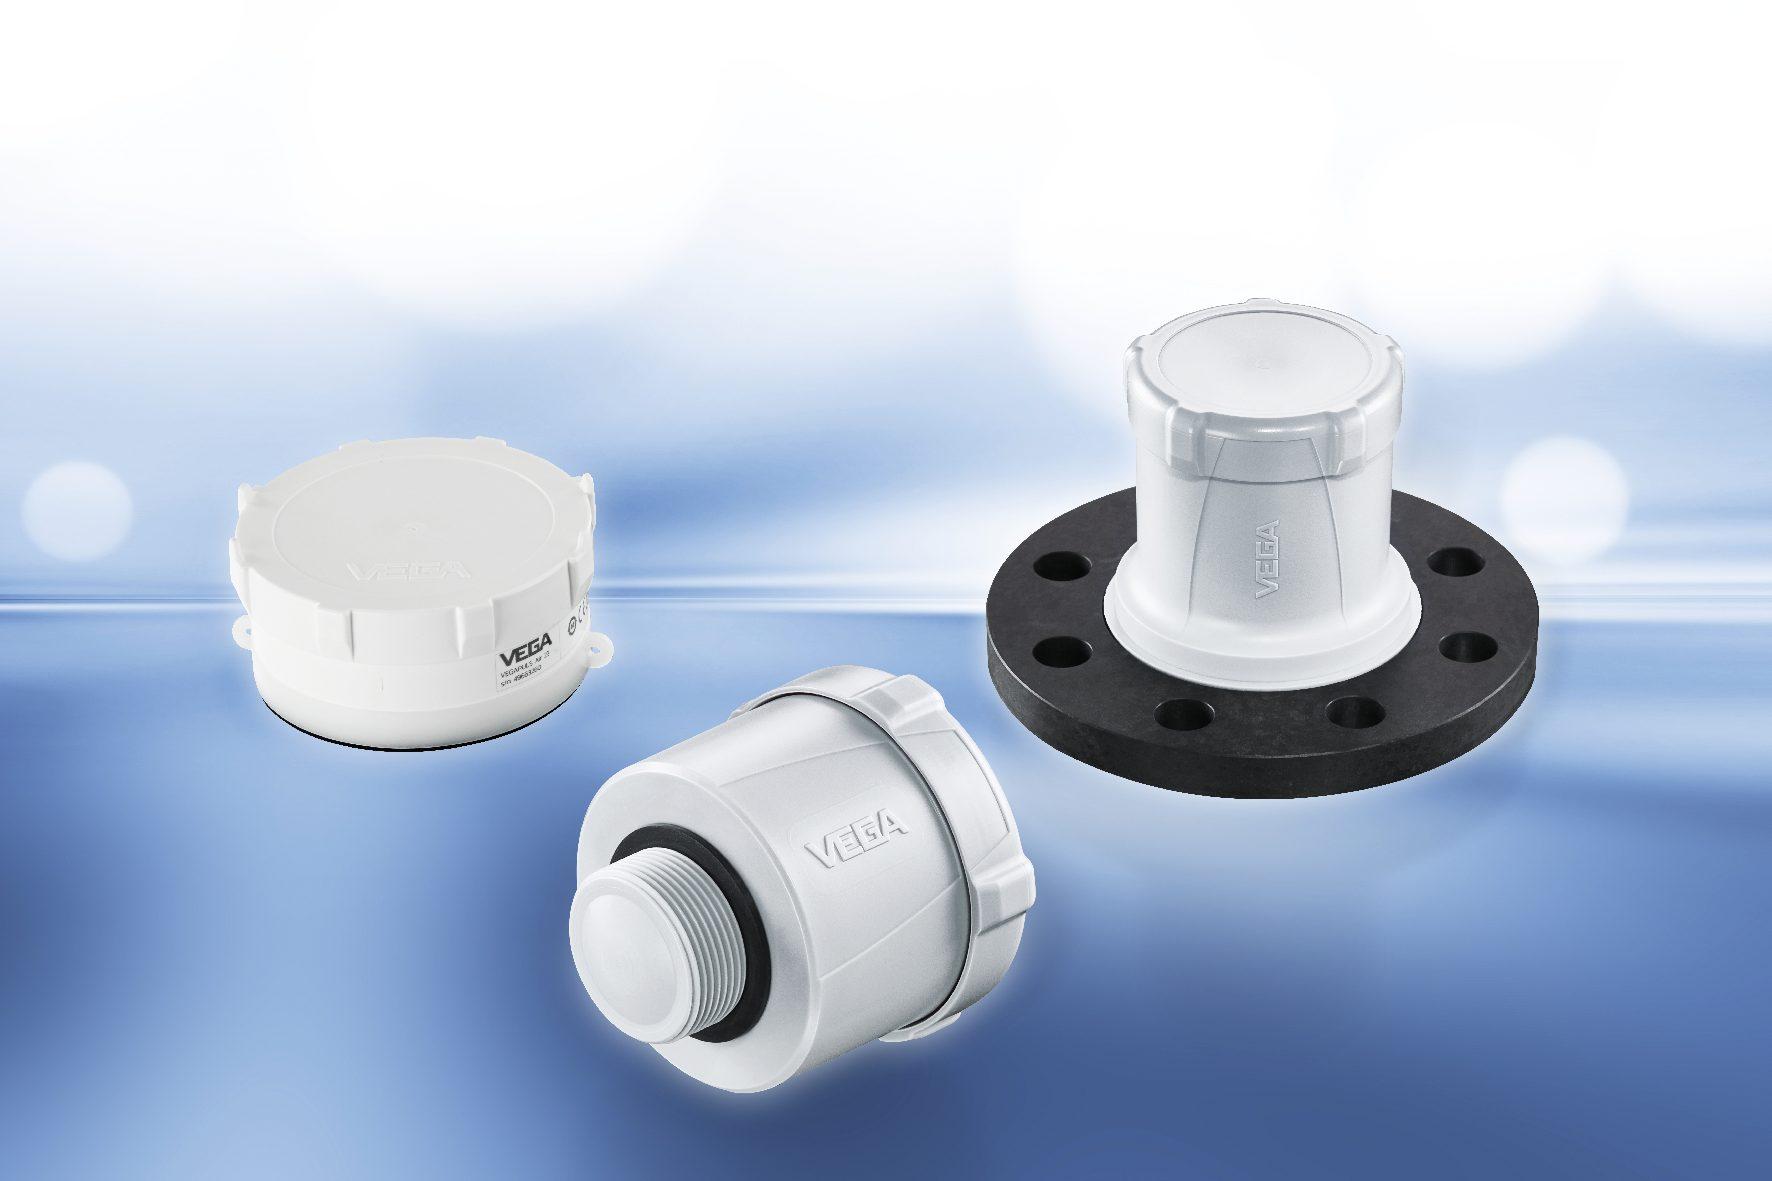 Drahtlose Füllstandmessung mithilfe autarker und sicherer Sensoren